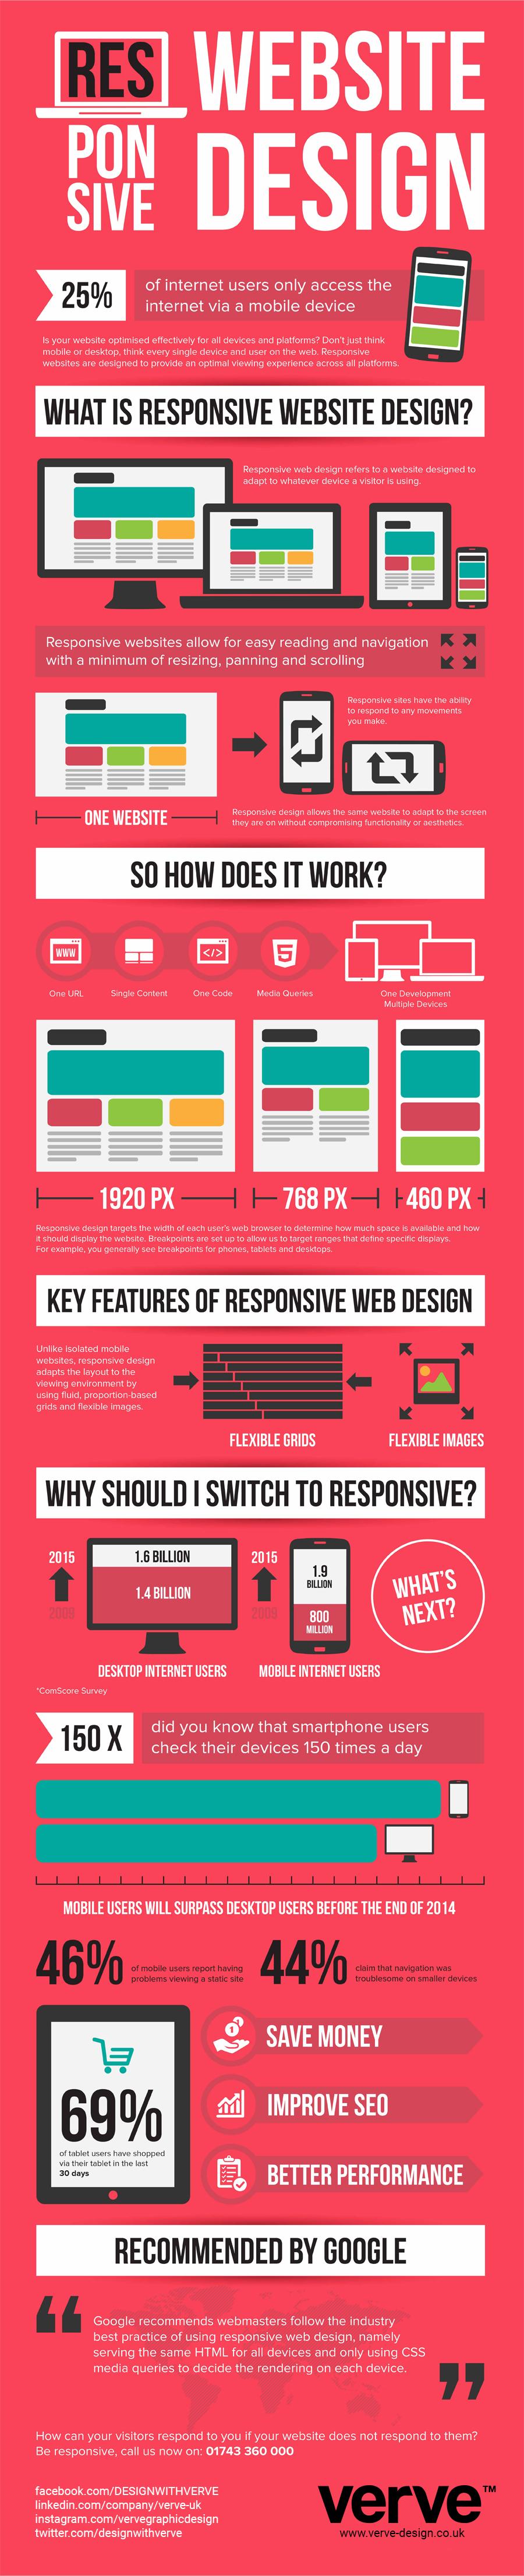 responsive website ontwerp infographic